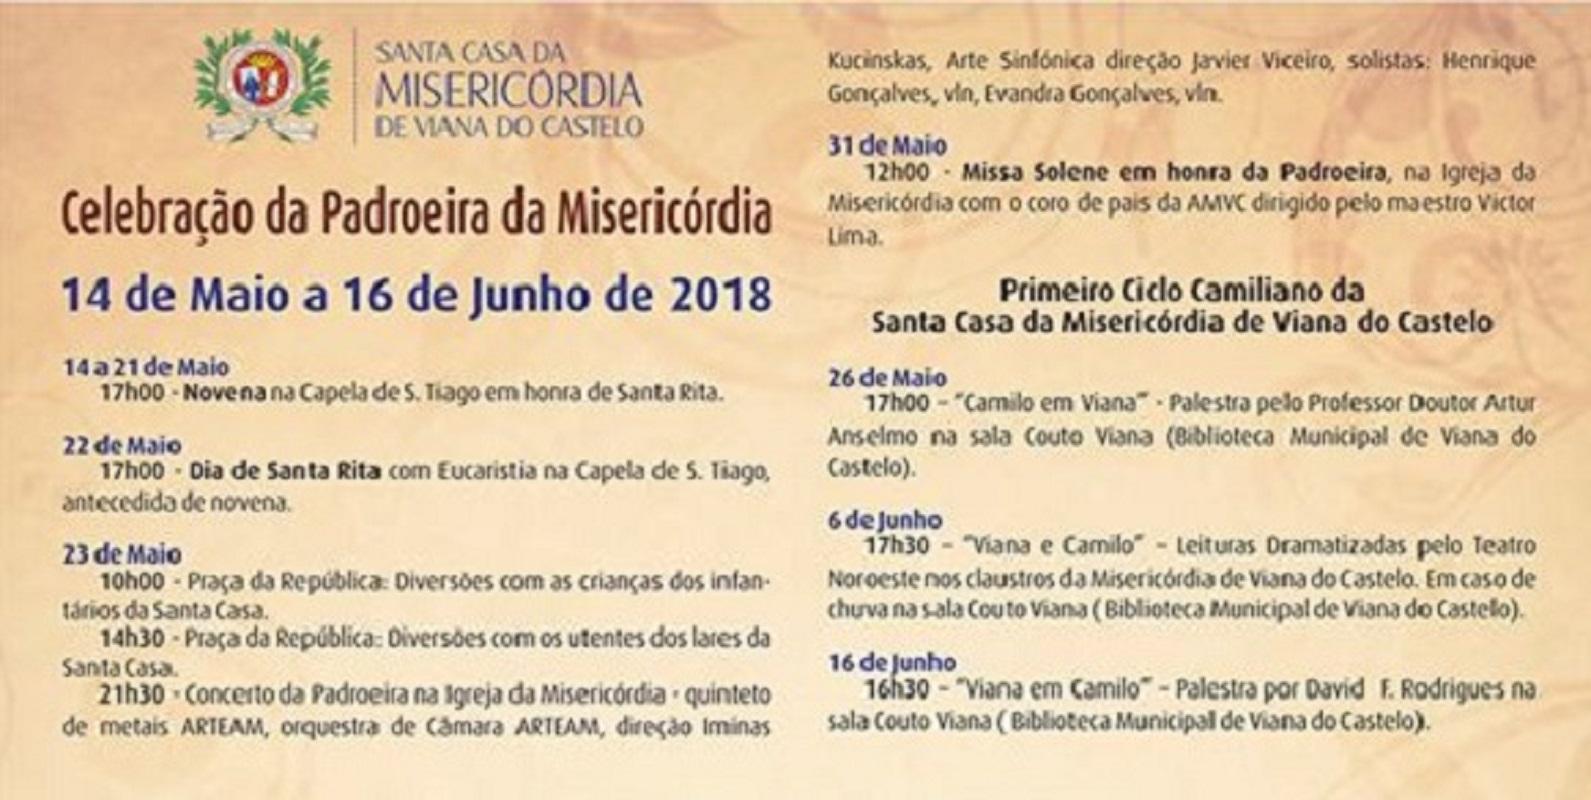 Santa Casa de Viana festeja padroeira da Misericórdia